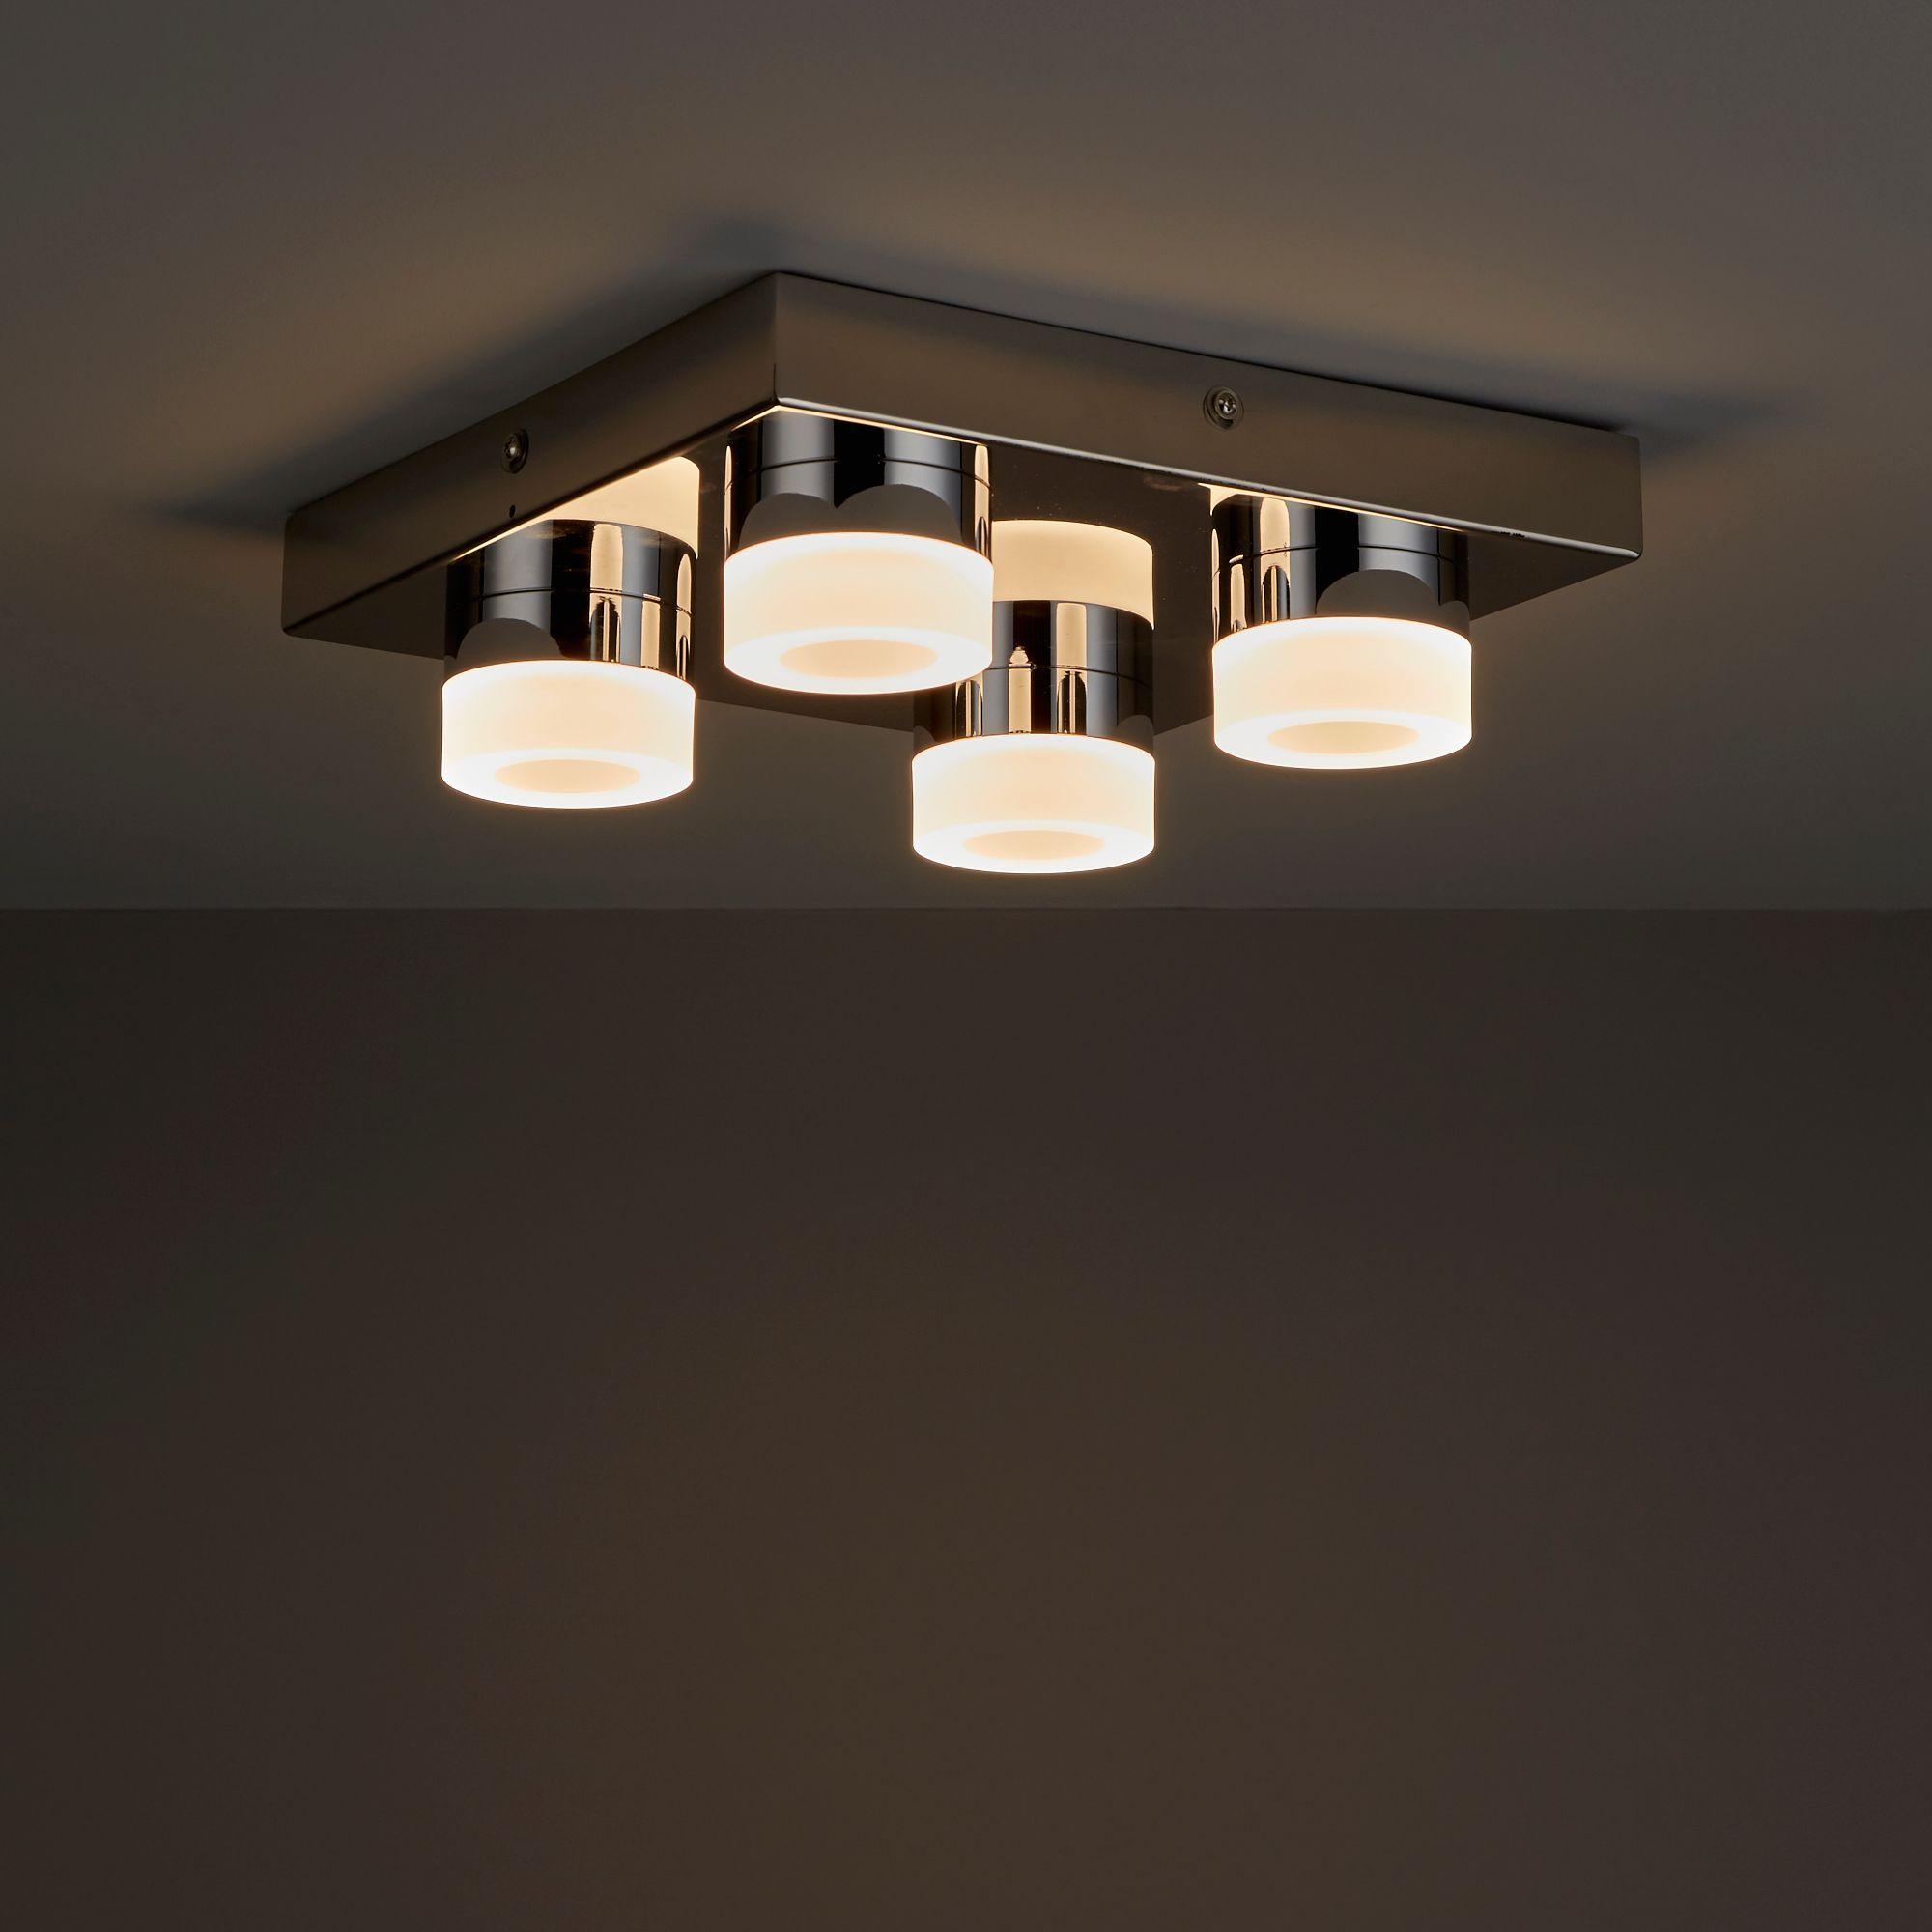 Meroo Clear Chrome Effect 4 Lamp Led Bathroom Ceiling Light